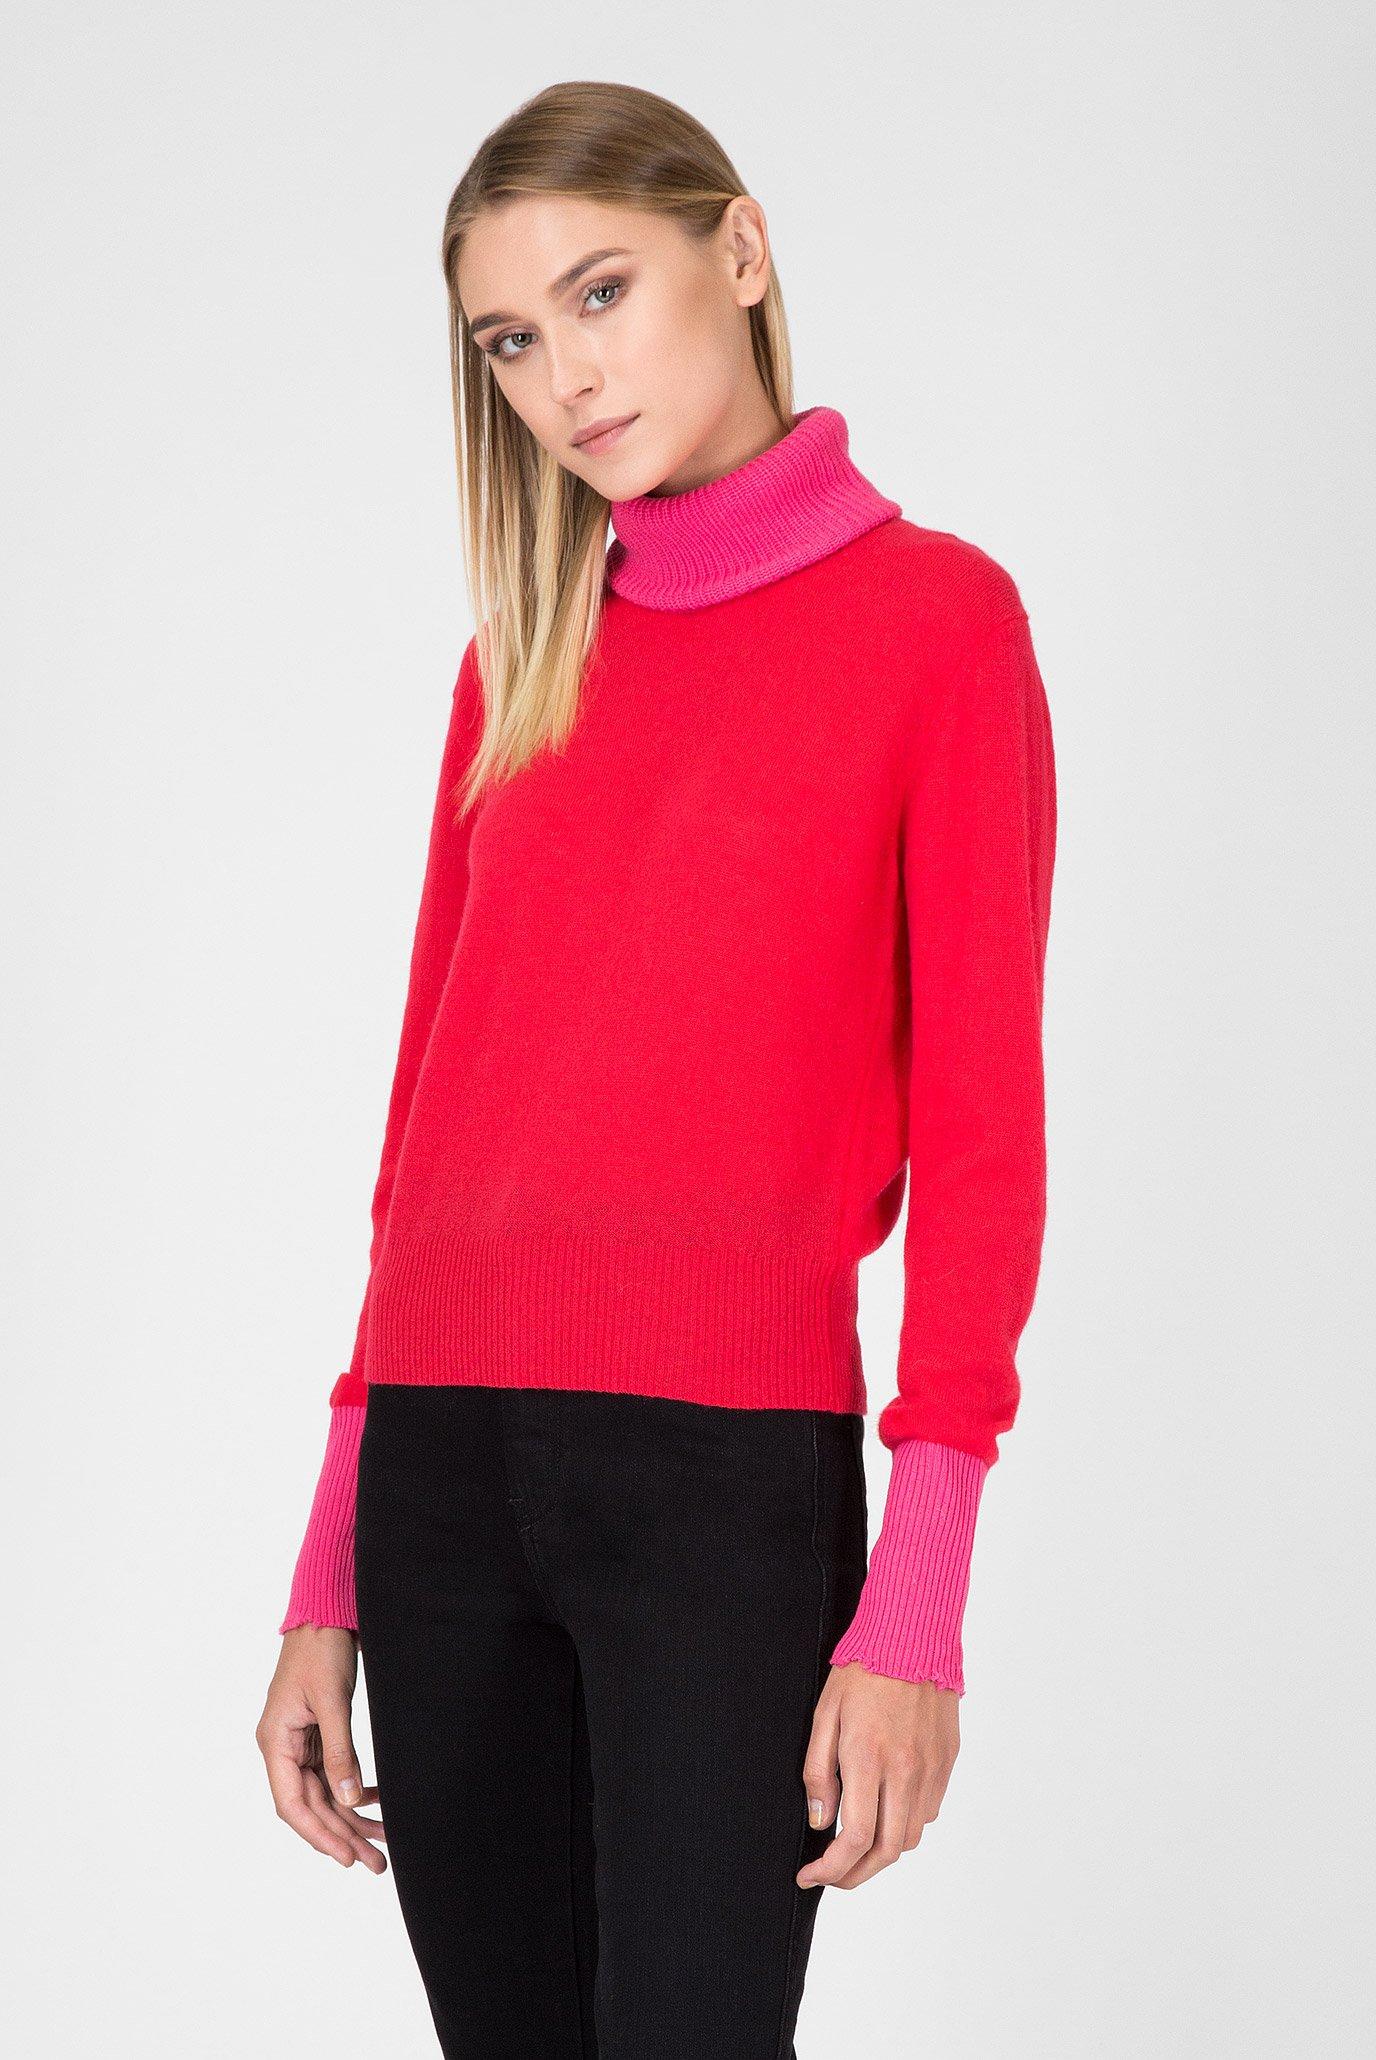 Купить Женский малиновый шерстяной свитер Diesel Diesel 00SH5S 0JAJJ – Киев, Украина. Цены в интернет магазине MD Fashion